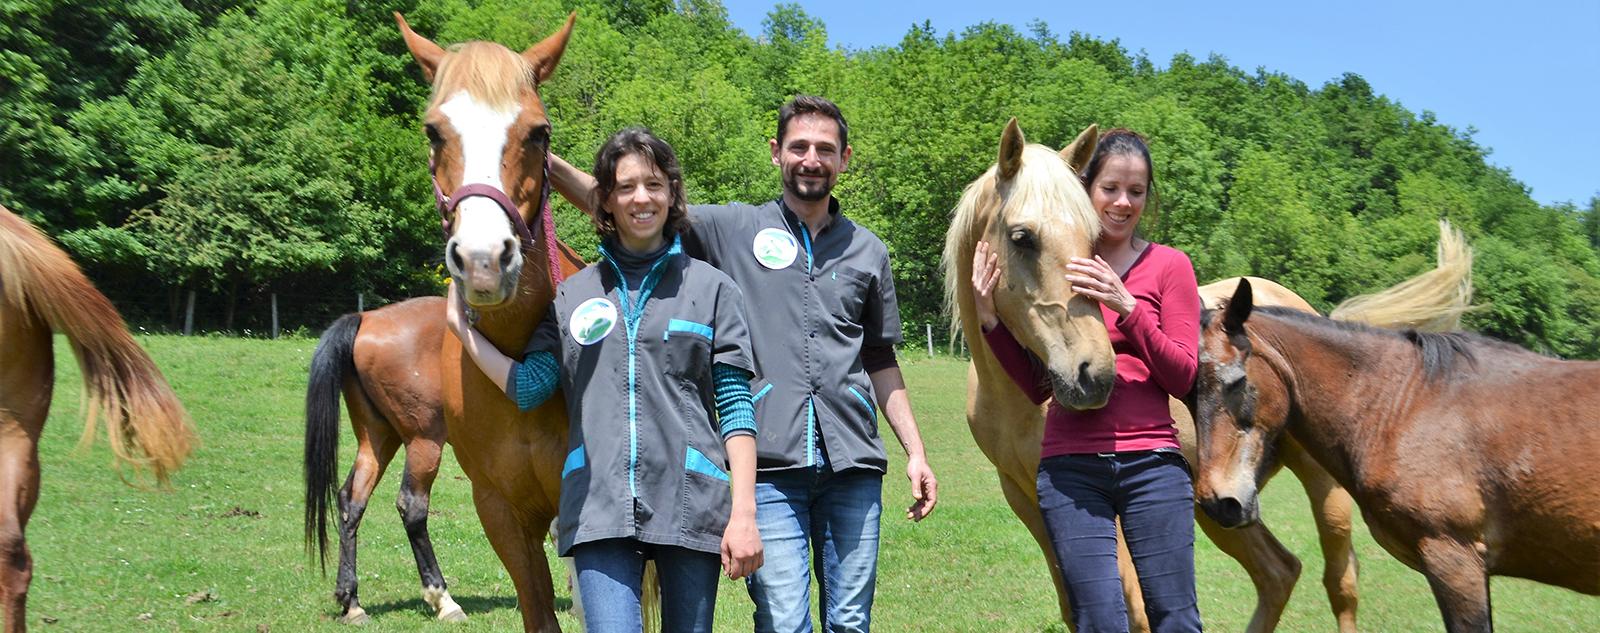 Equipe de vétérinaires équine